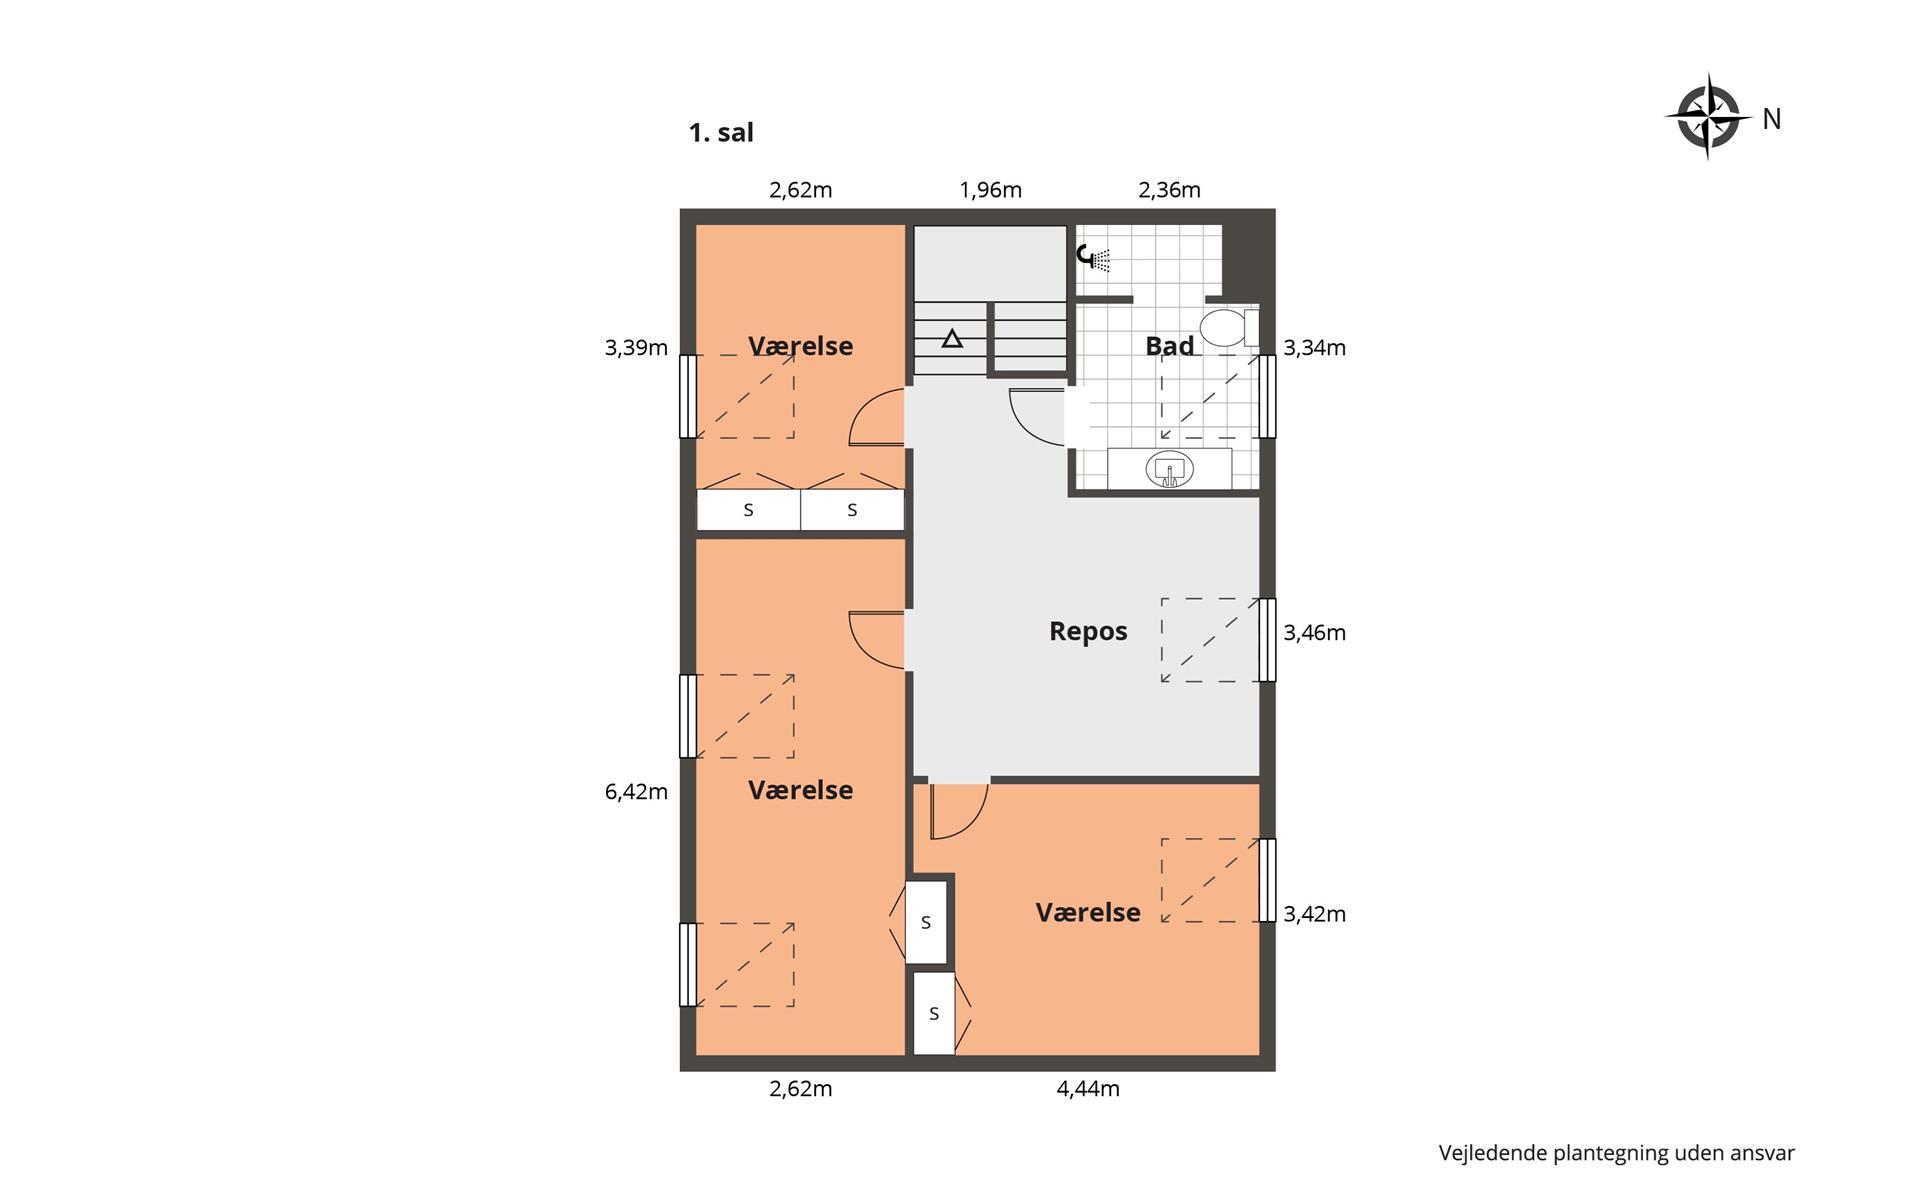 Rækkehus på Nøglens Kvarter i Odense SØ - Plantegning